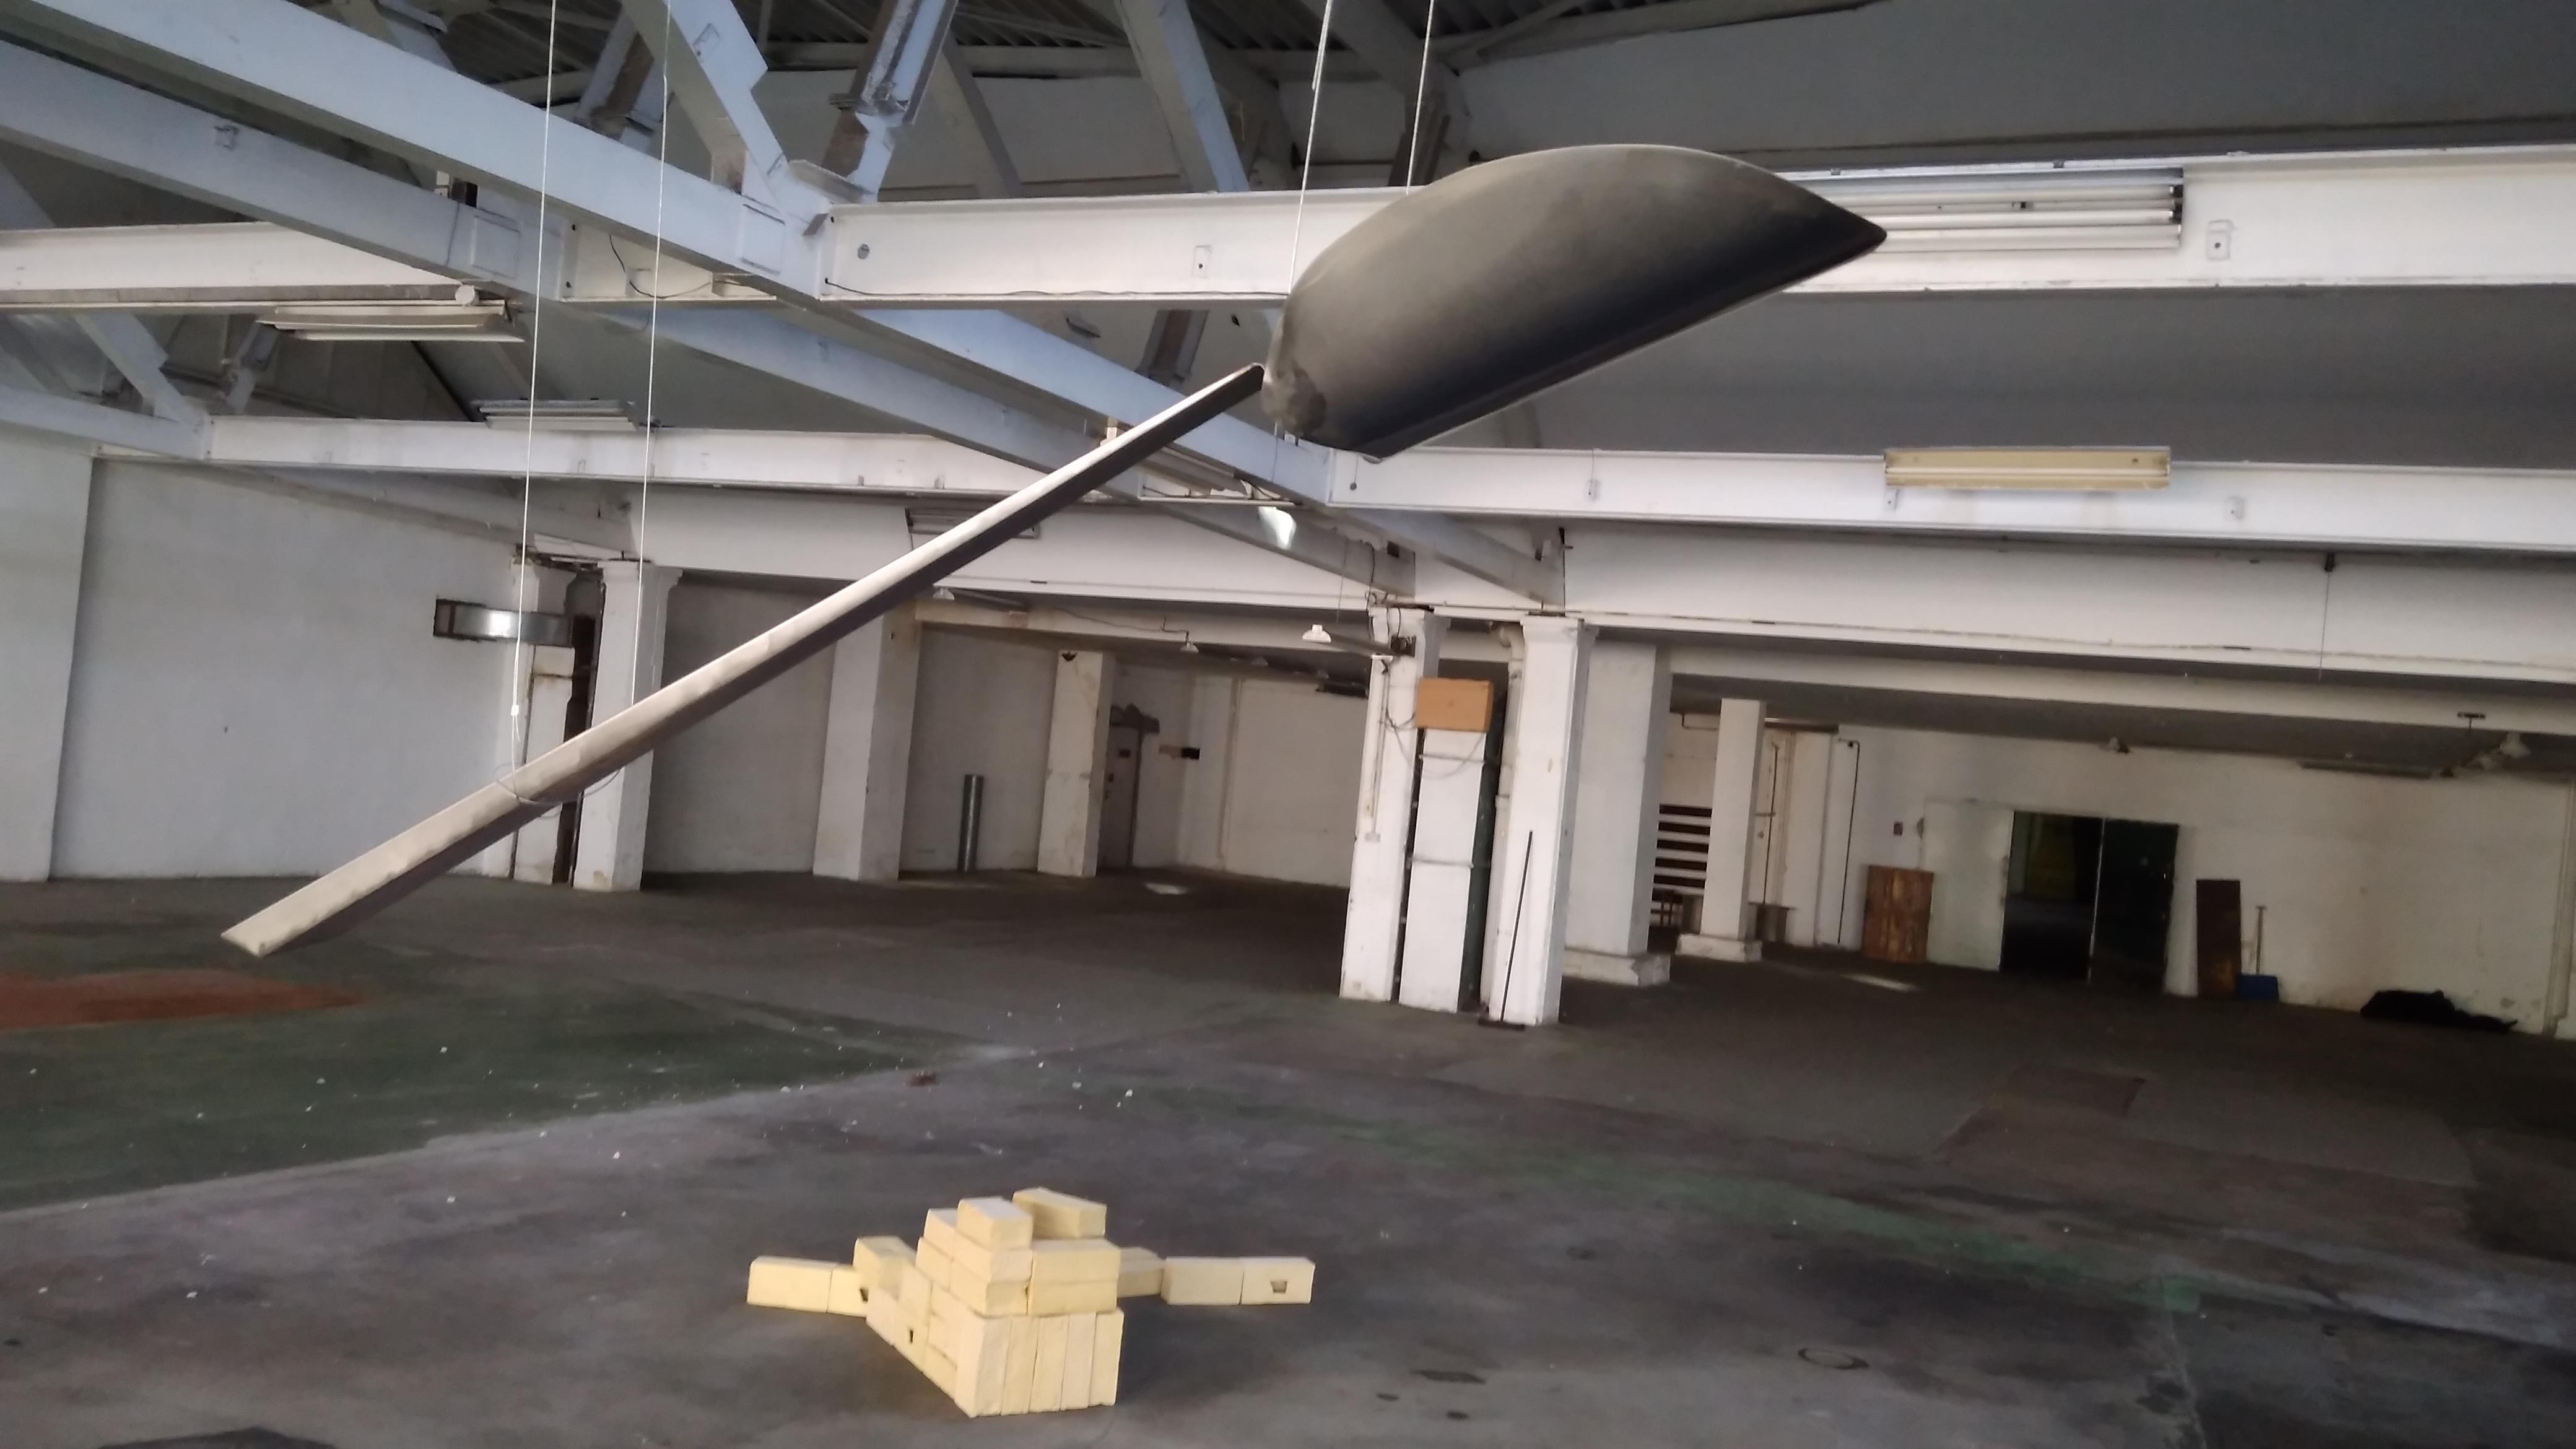 transcendental spoon in architecture :: Future ...